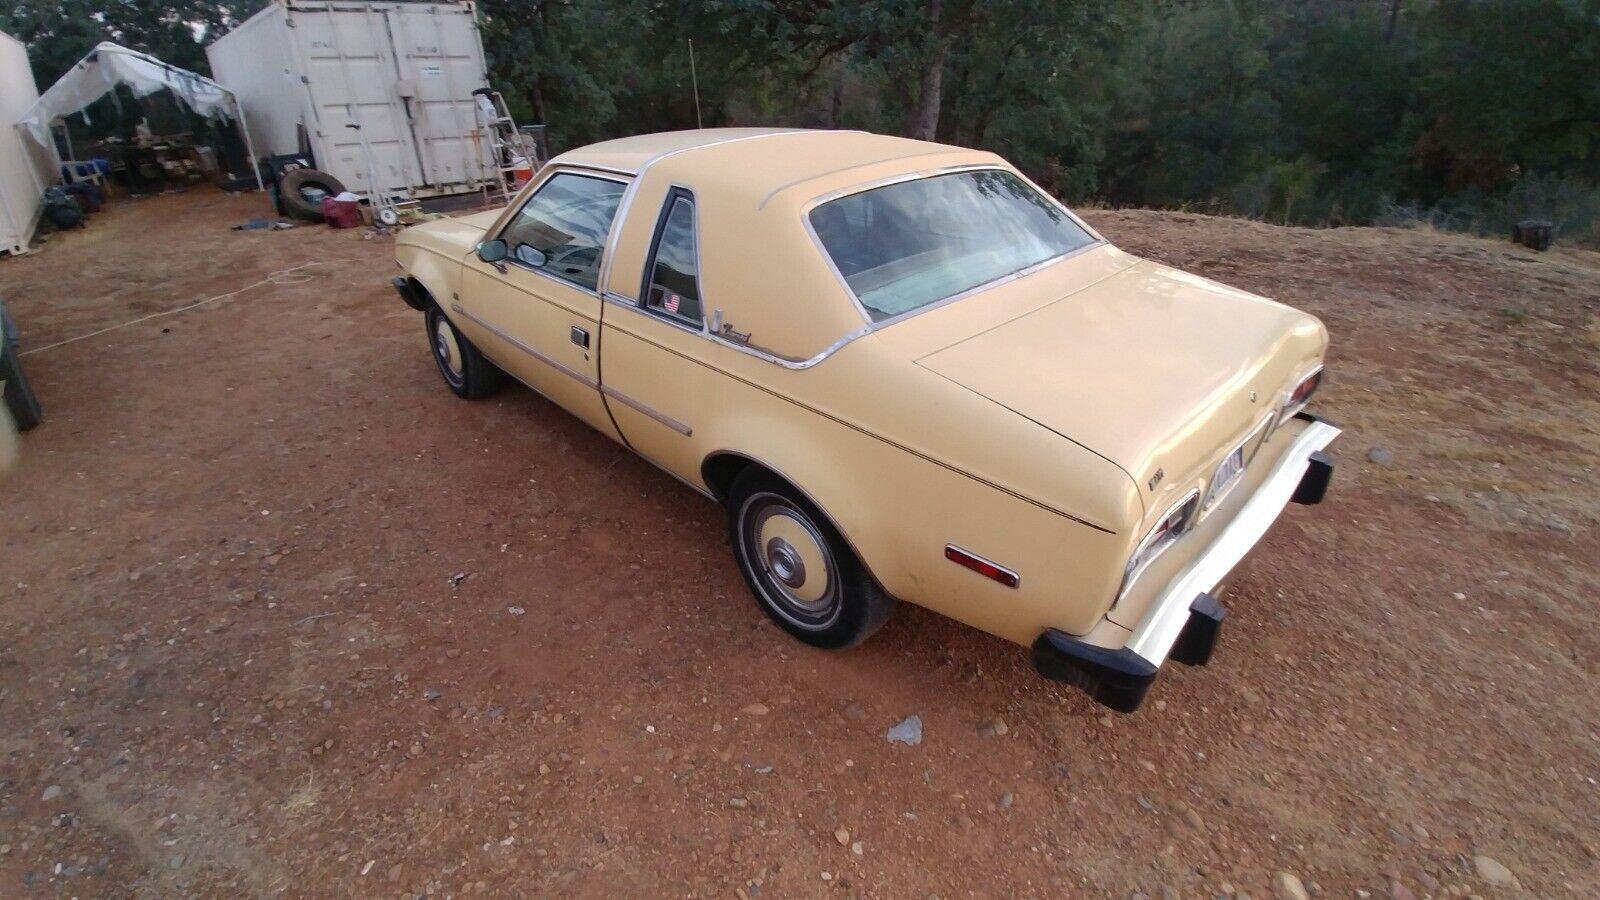 1979 AMC 1979 AMC Concord DL, Coupe tan 1979 AMC Concord DL 2 dr. Coupe